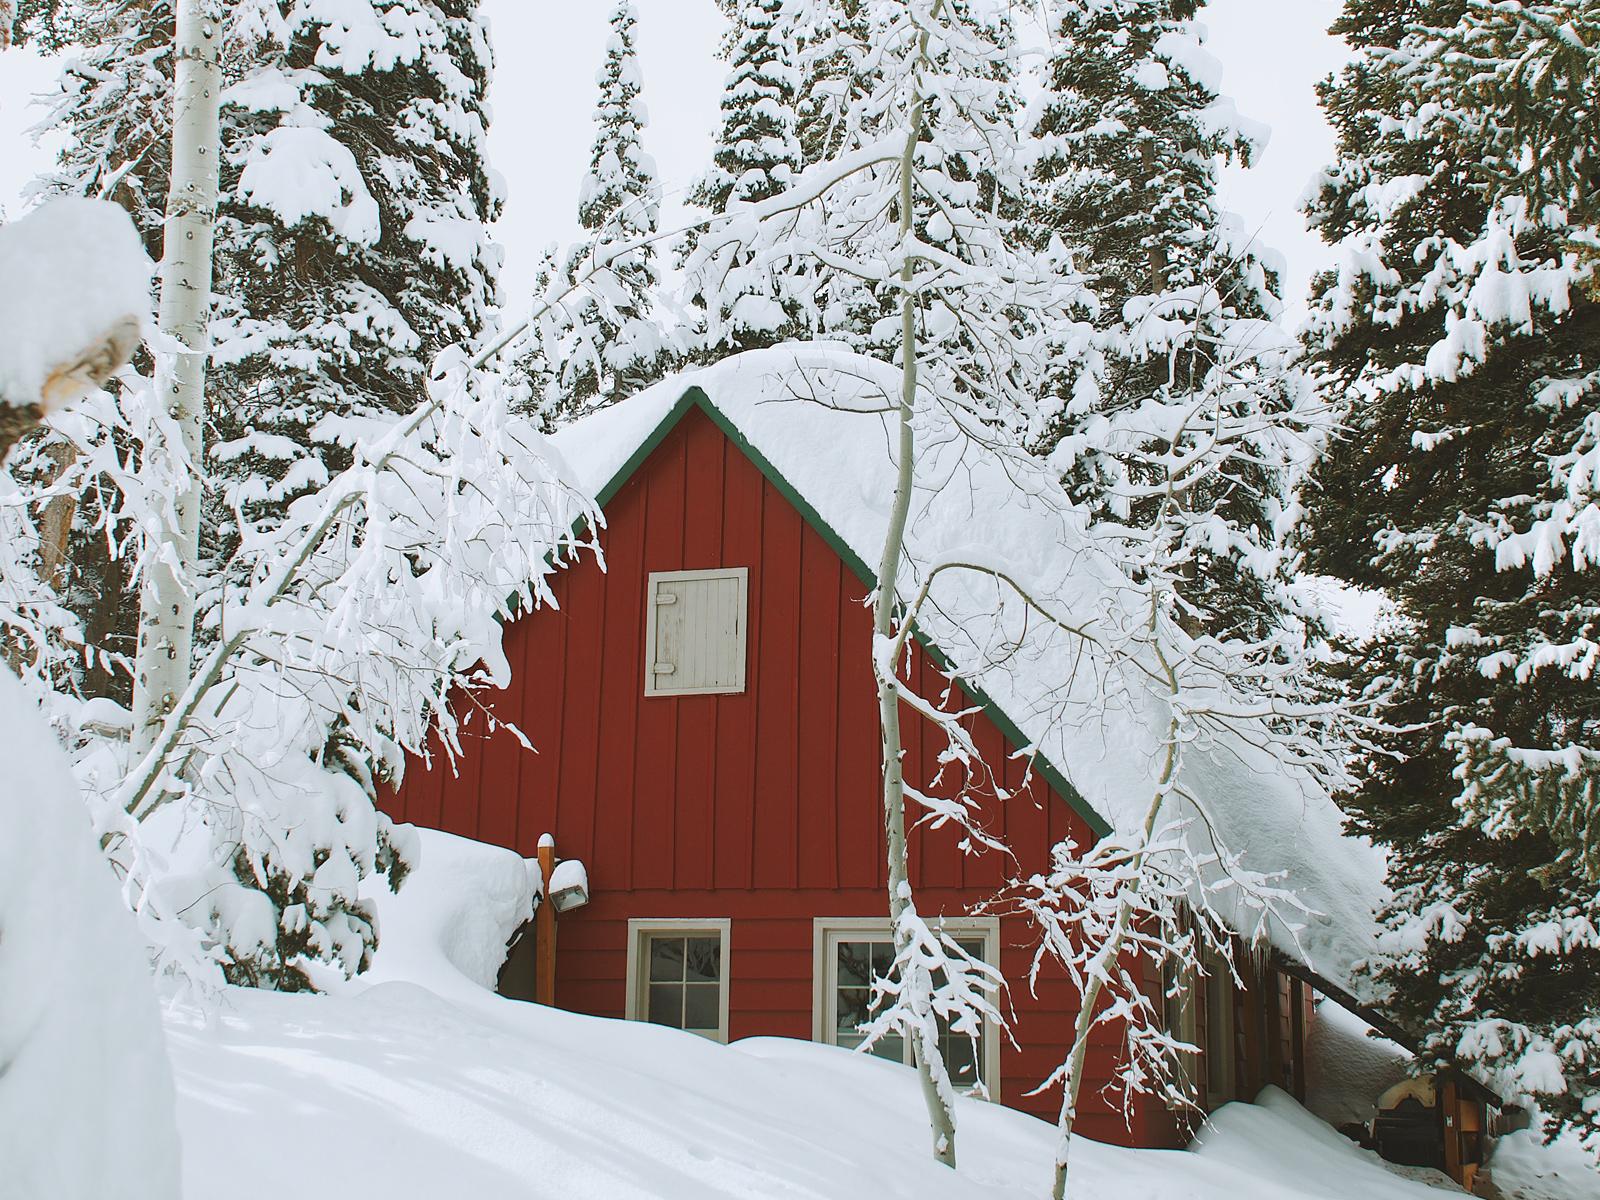 Traumhaft - so muss ein Foto im Schnee aussehen